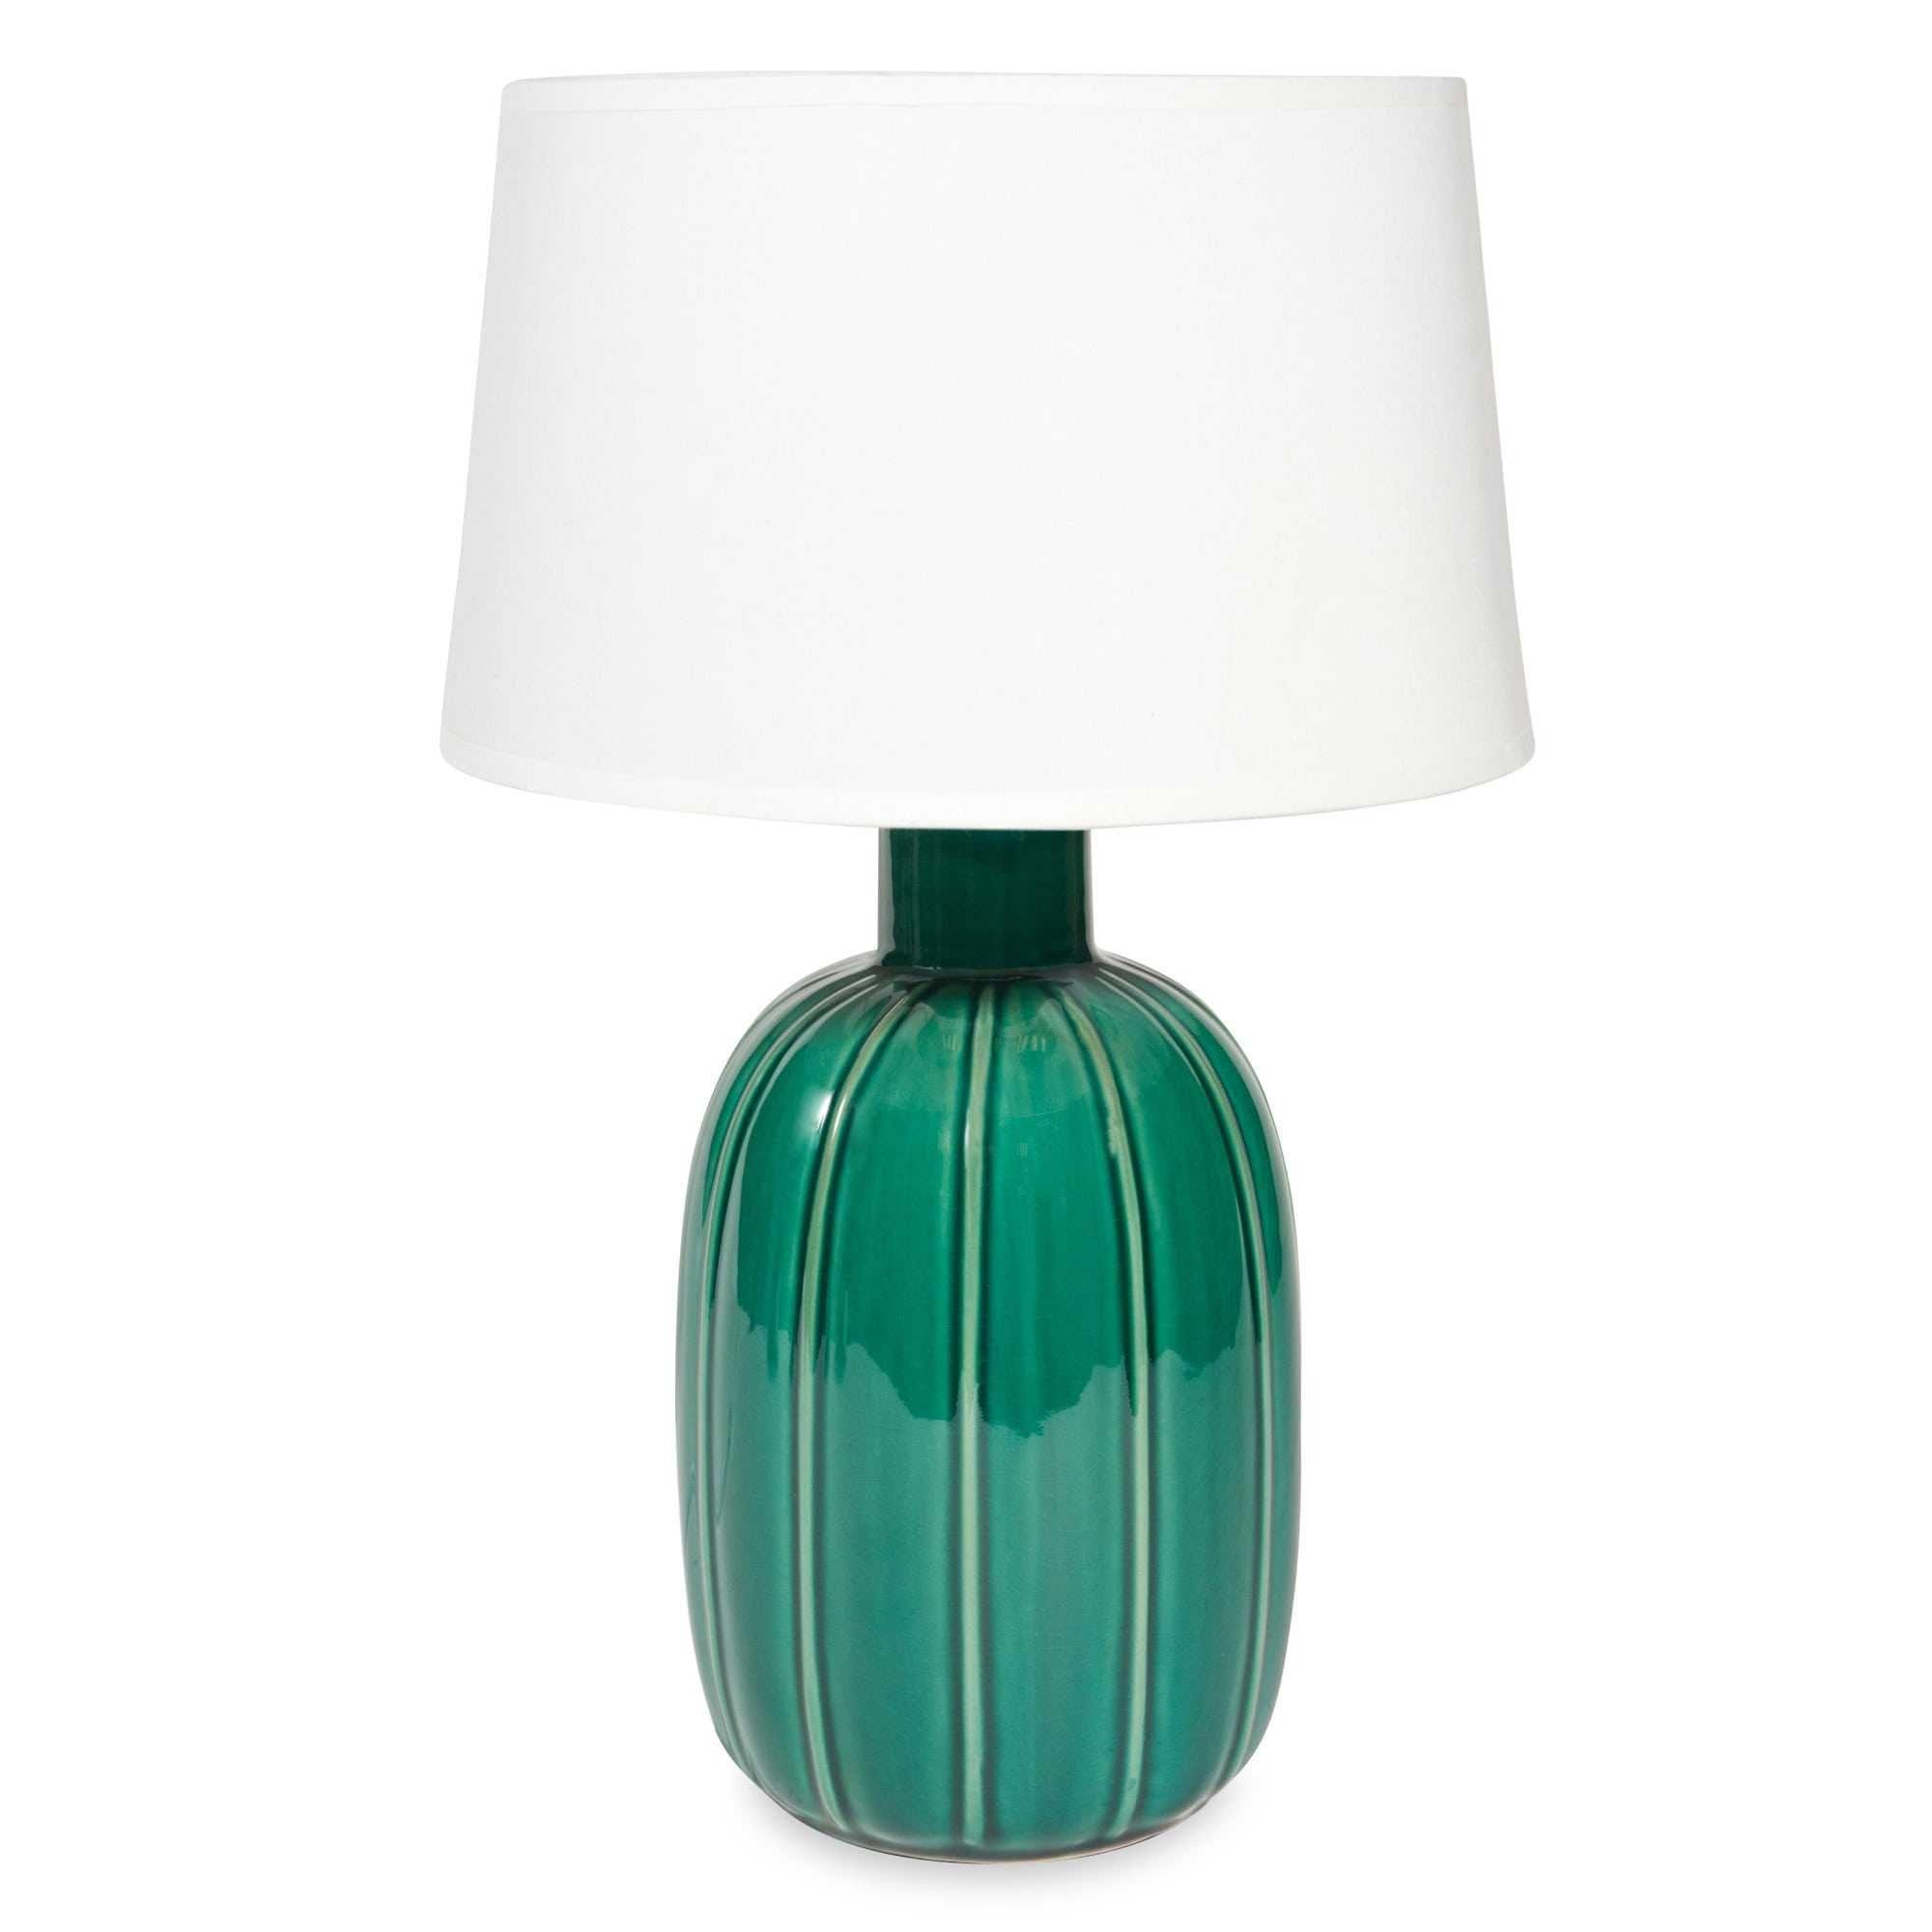 Lampen Keramik Lampen Lampen Lampenschirm